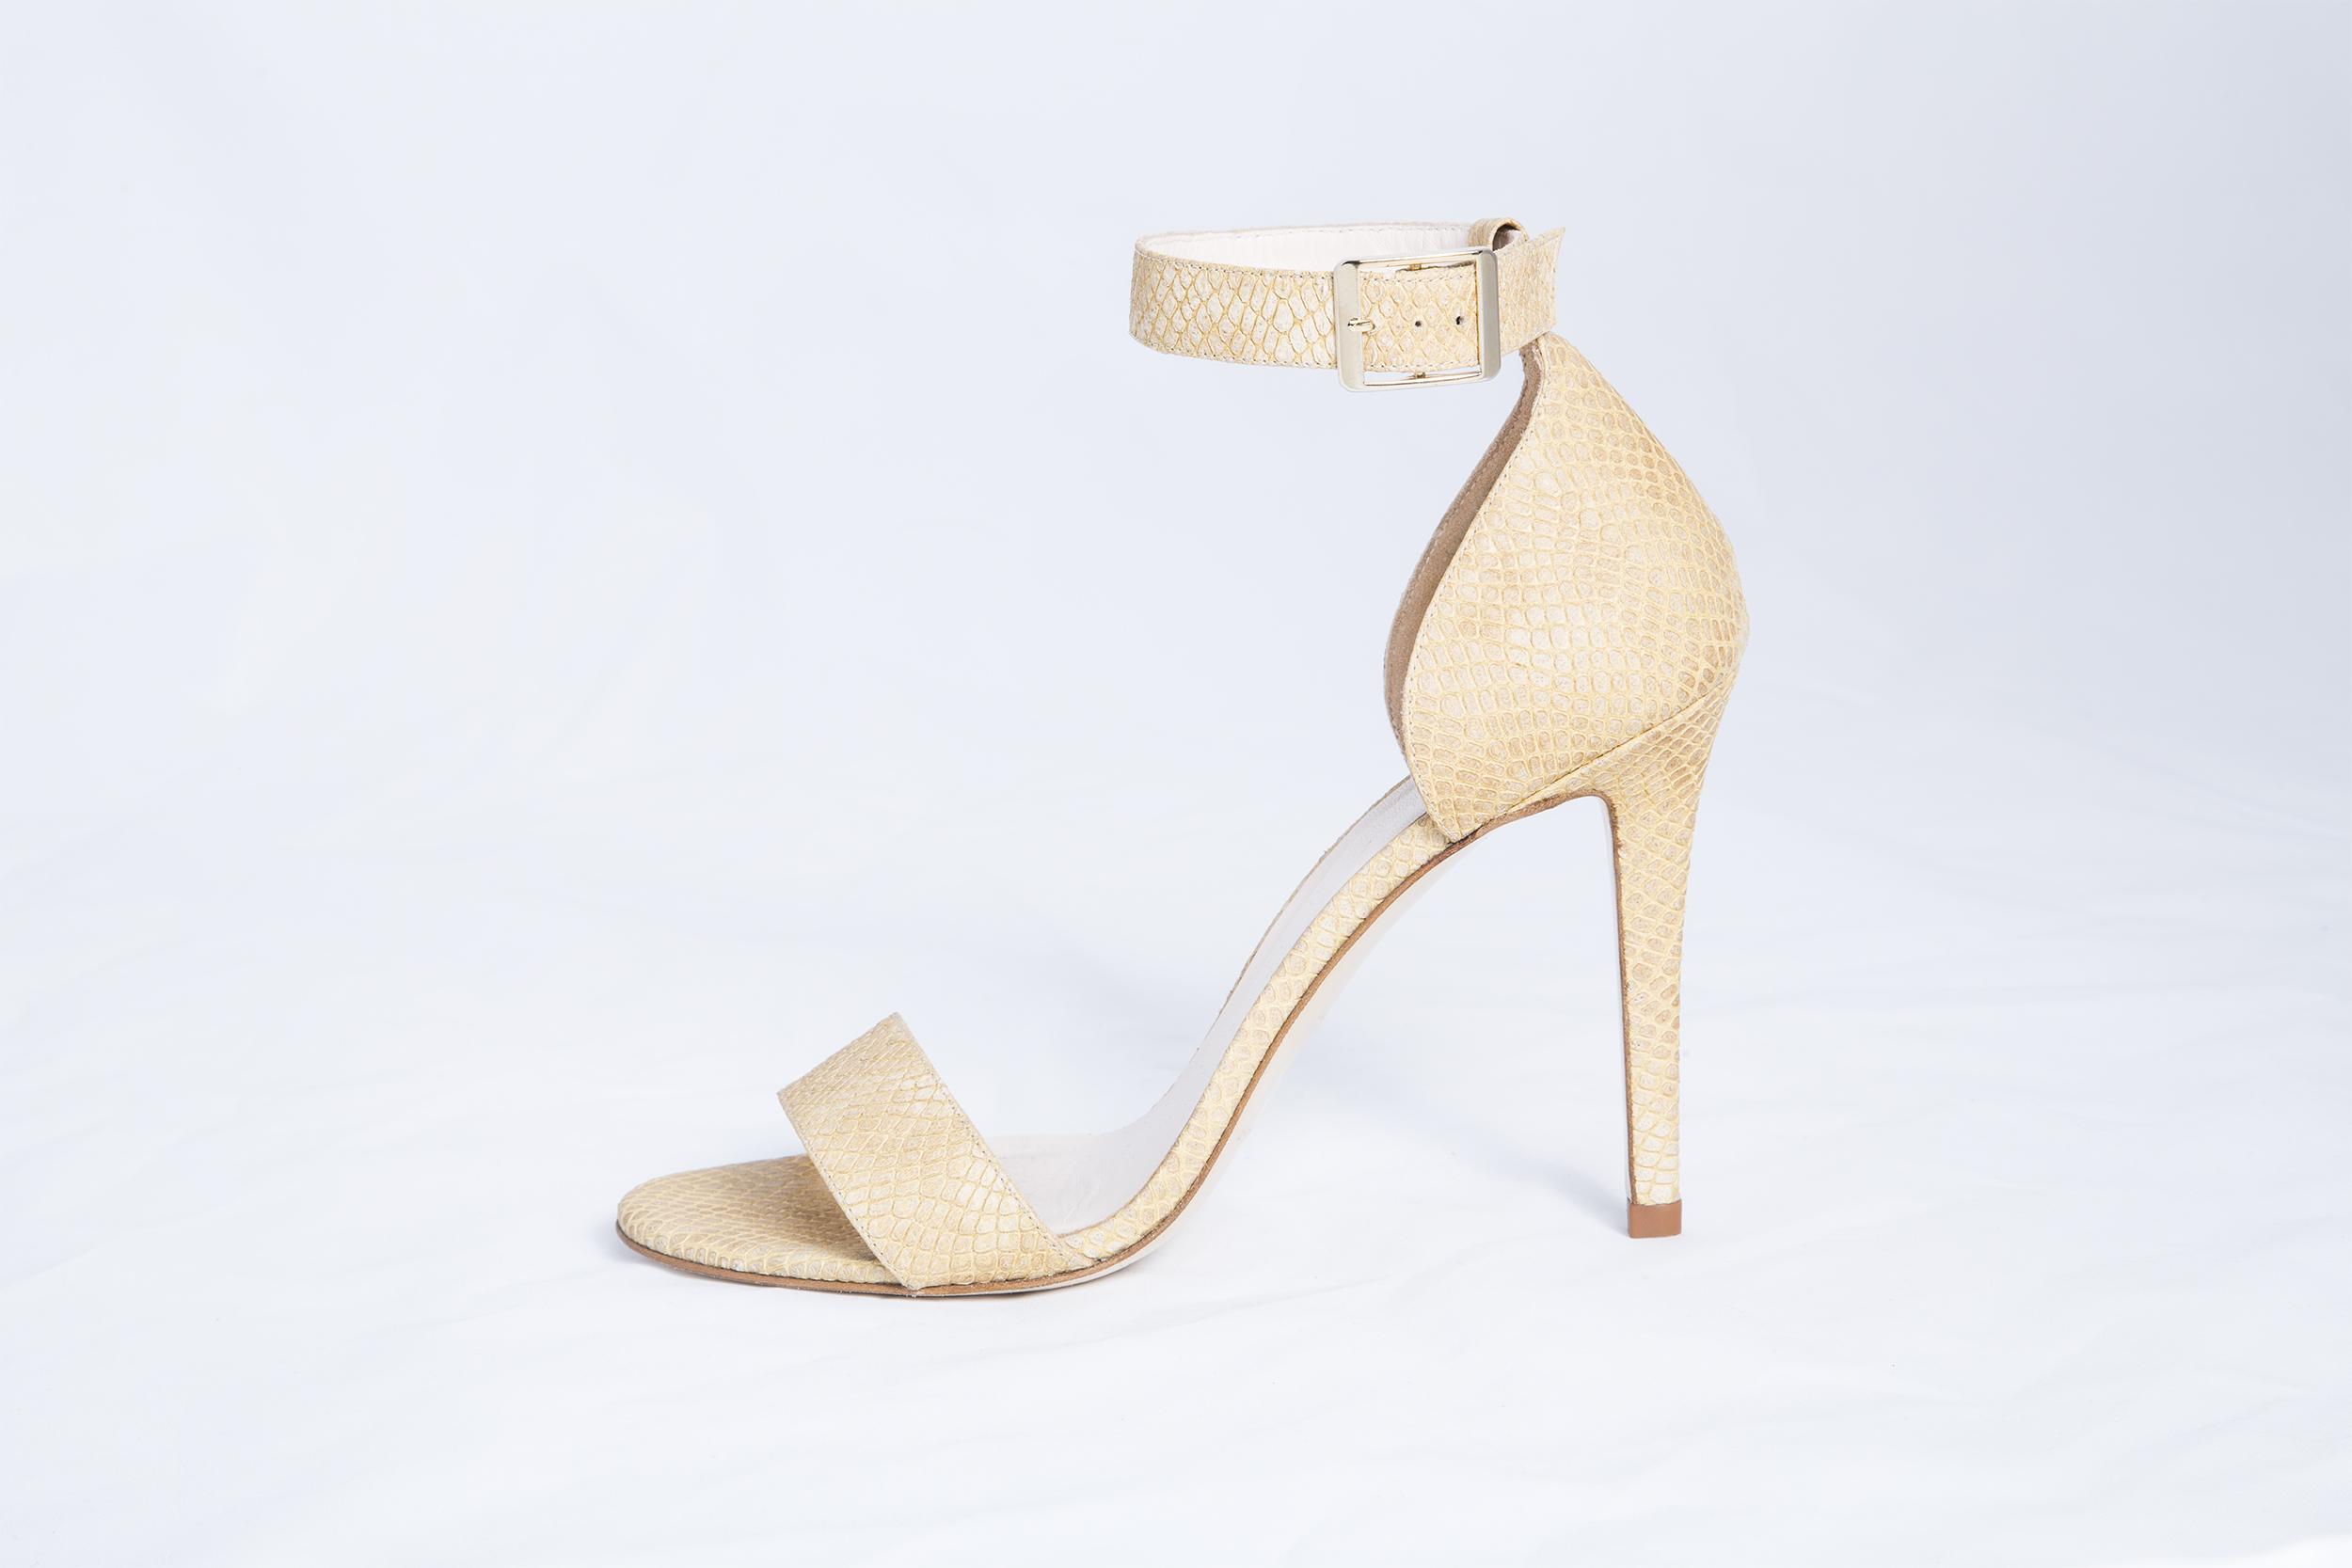 SANDALIA ROMA BAHÍA  Esta sandalia tiene 4 centímetros de tacón para  aquellas que no quieren tacones altos pero tampoco quieren una bailarina. 5244d7a5cc29